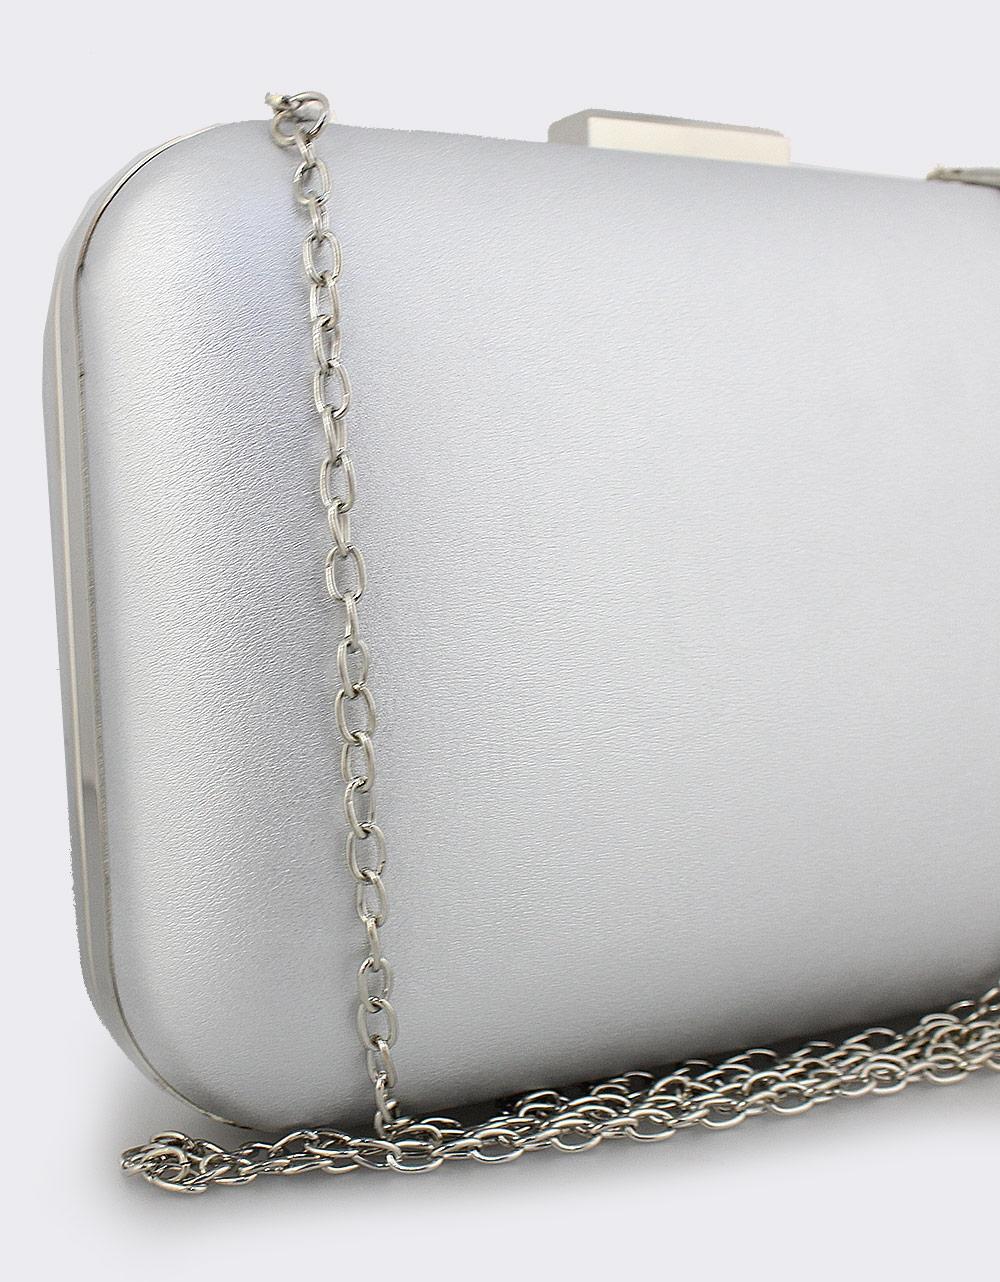 Εικόνα από Γυναικείοι φάκελοι clutch μονόχρωμοι Ασημί